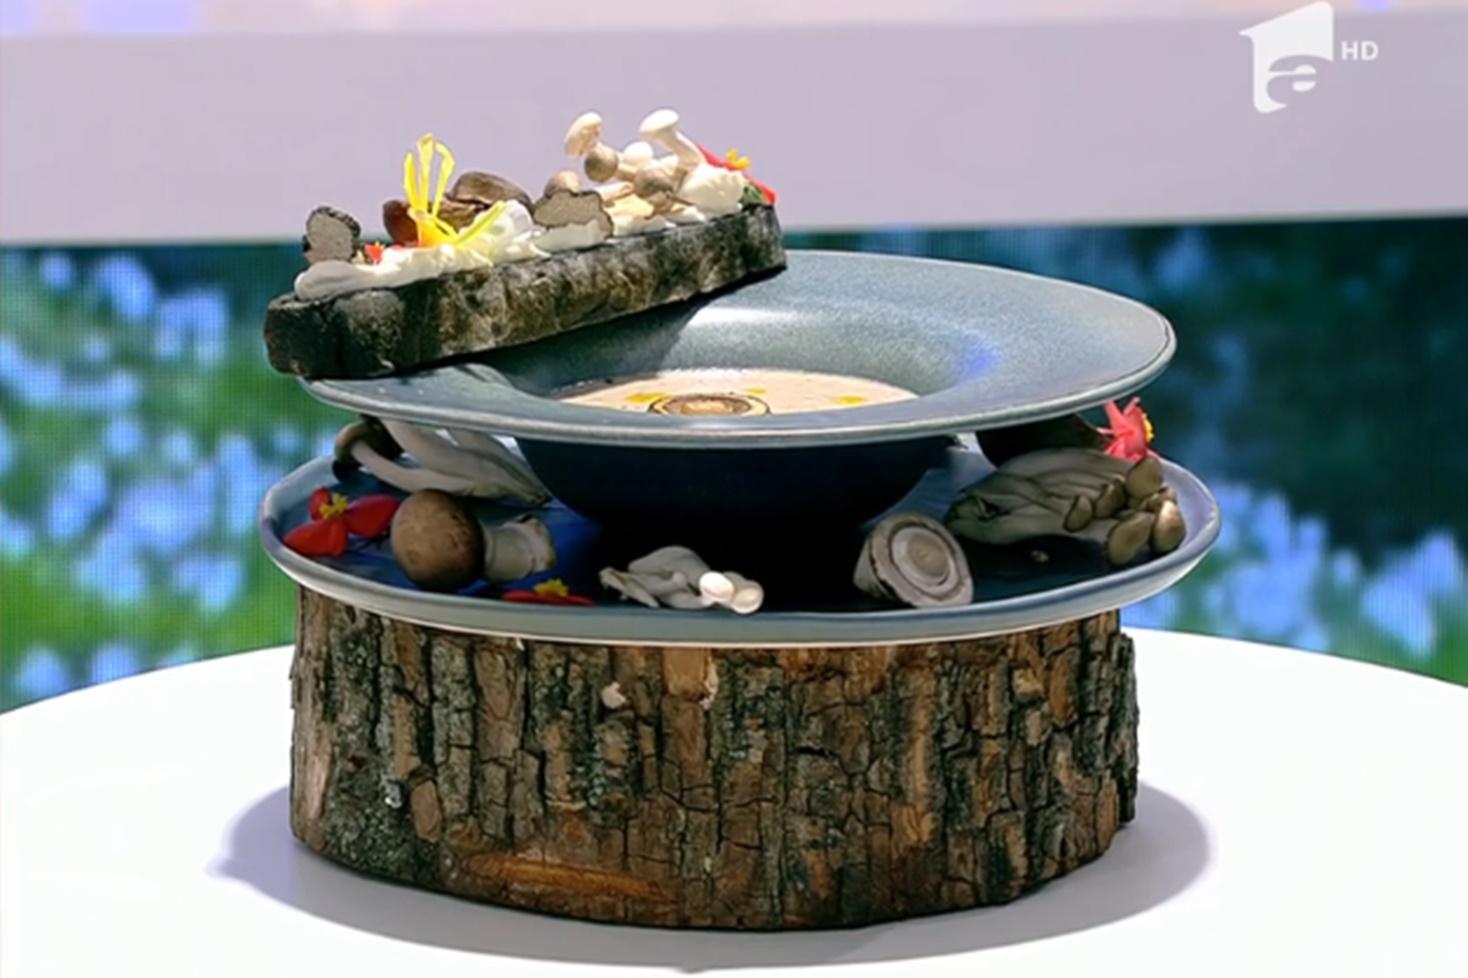 Supă cremă din mai multe tipuri de ciuperci, rețeta lui Vlăduț de la Neatza cu Răzvan și Dani